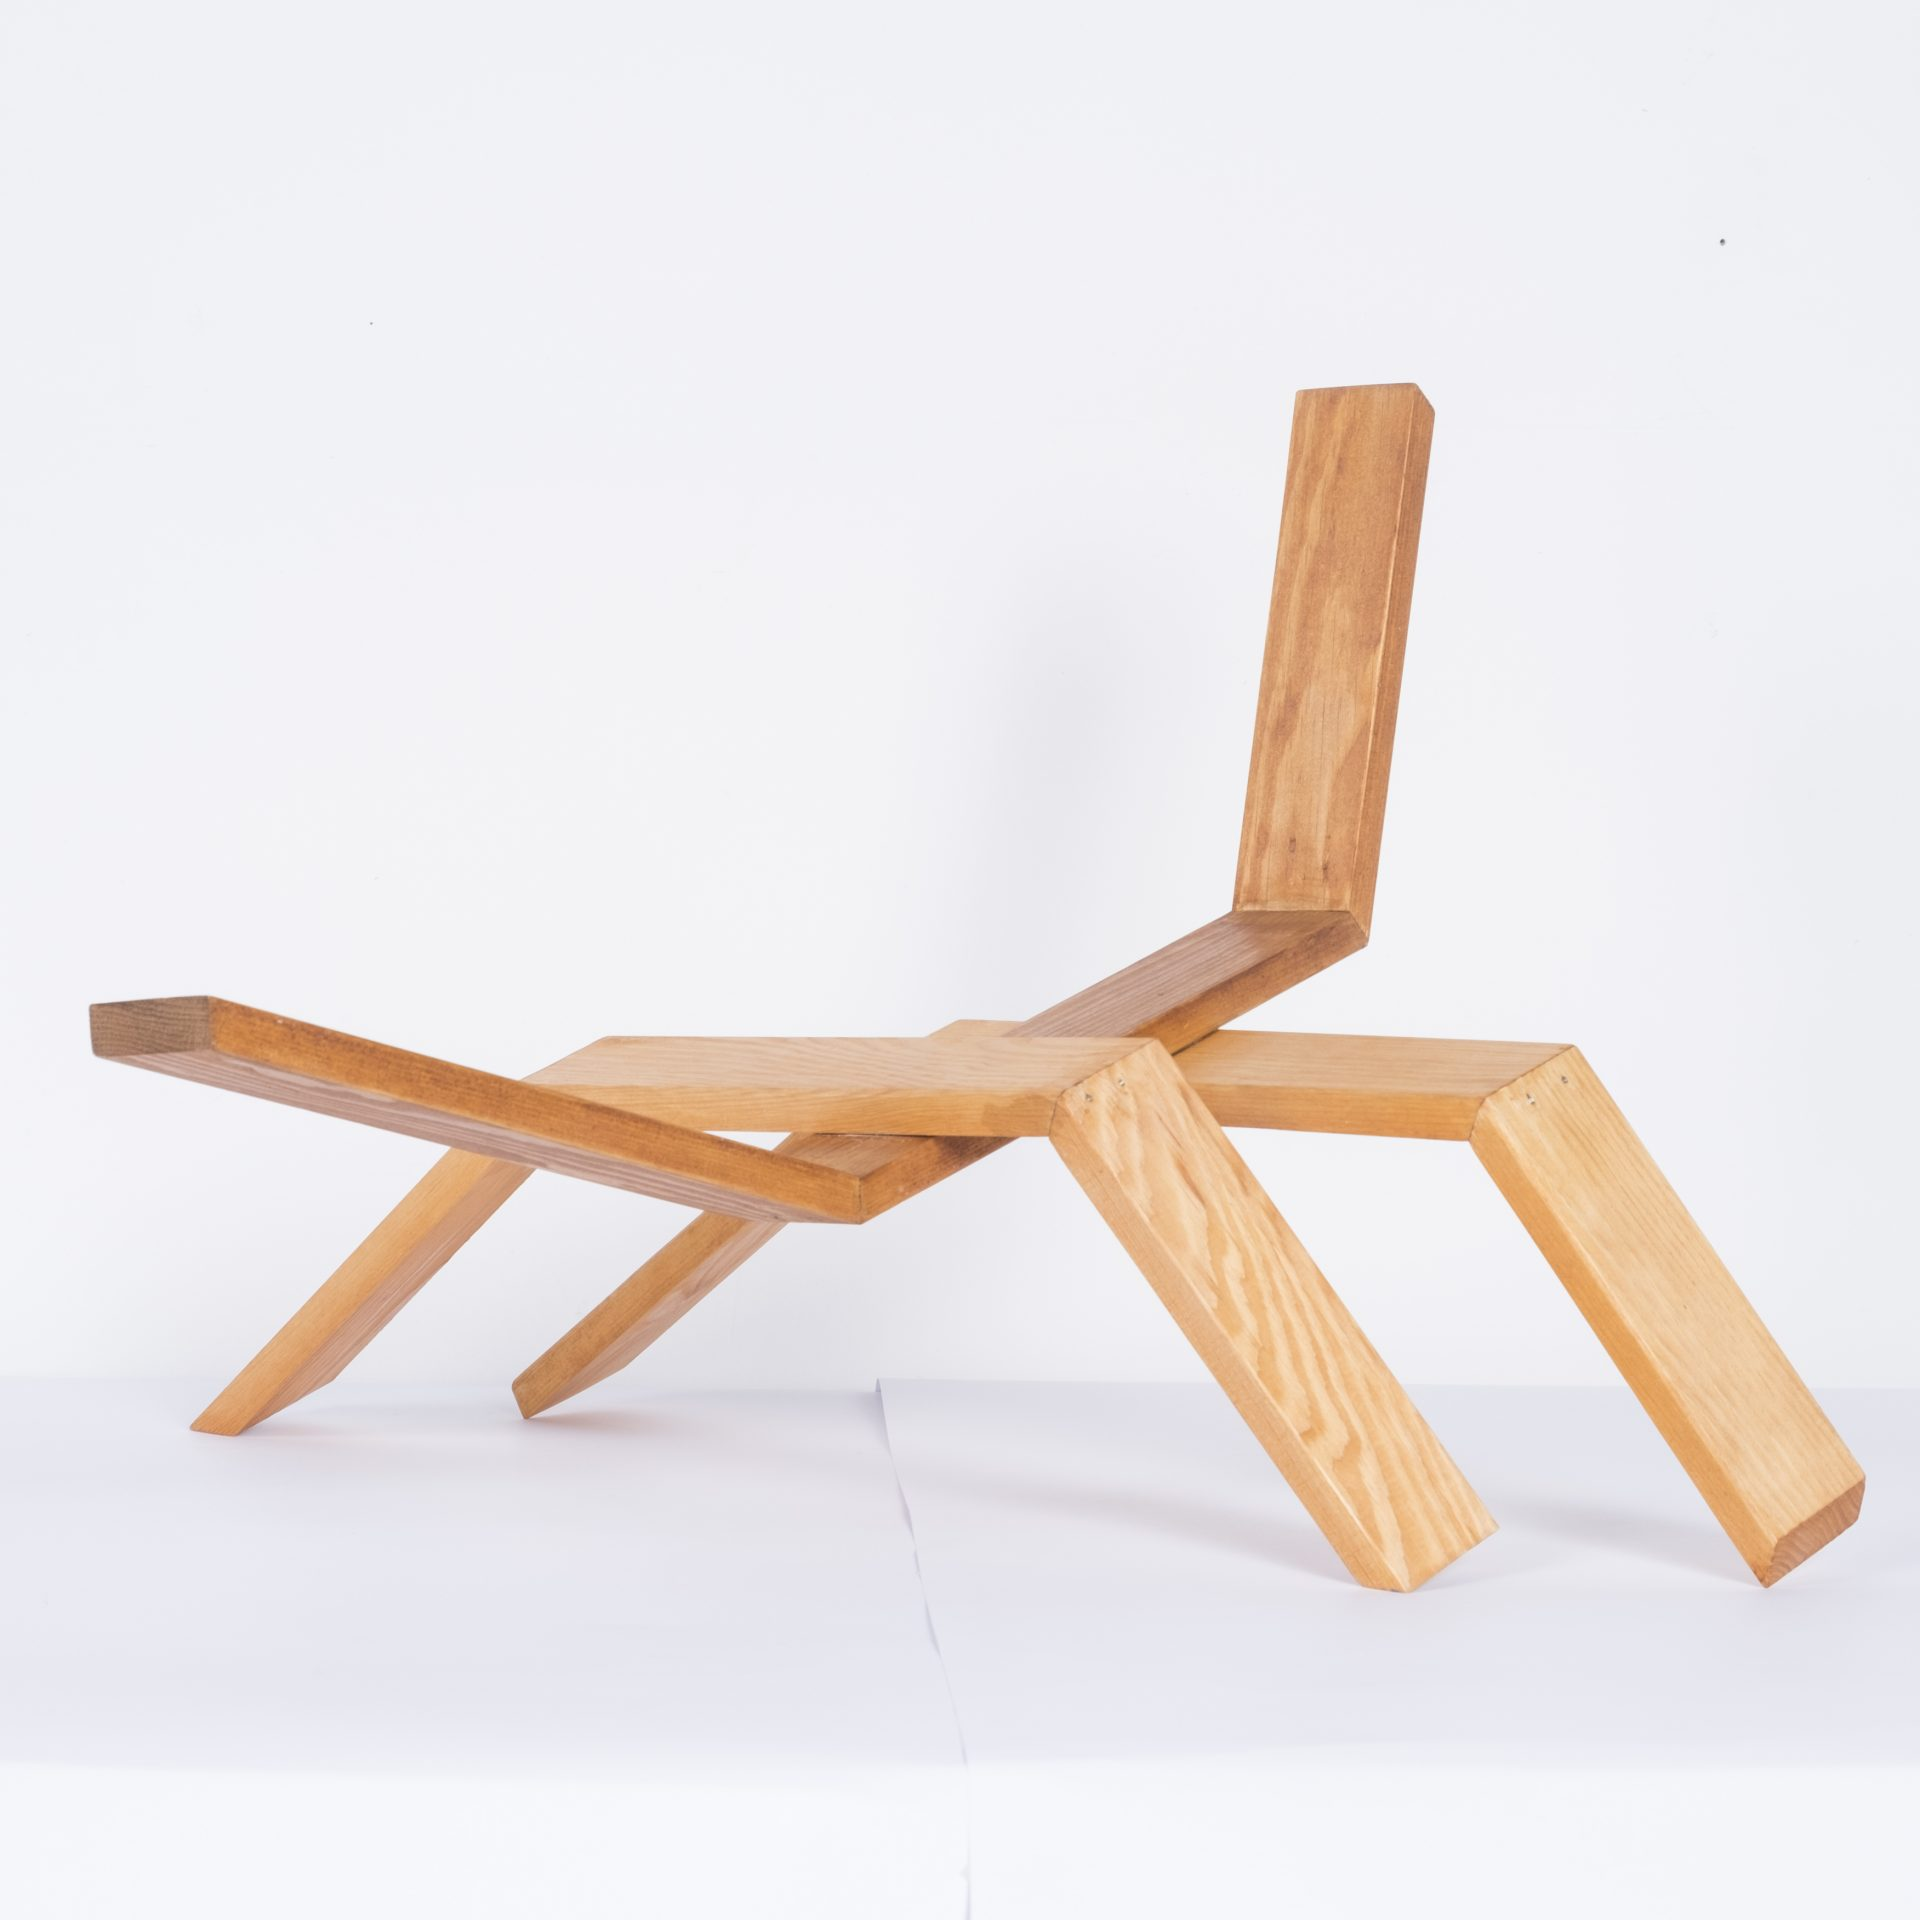 Unlimited in Dynamo<br>RMR20<br>misure: circa 50 x 50 cm<br>tecnica: legno <br>anno: 2018<br><br>DISPONIBILE